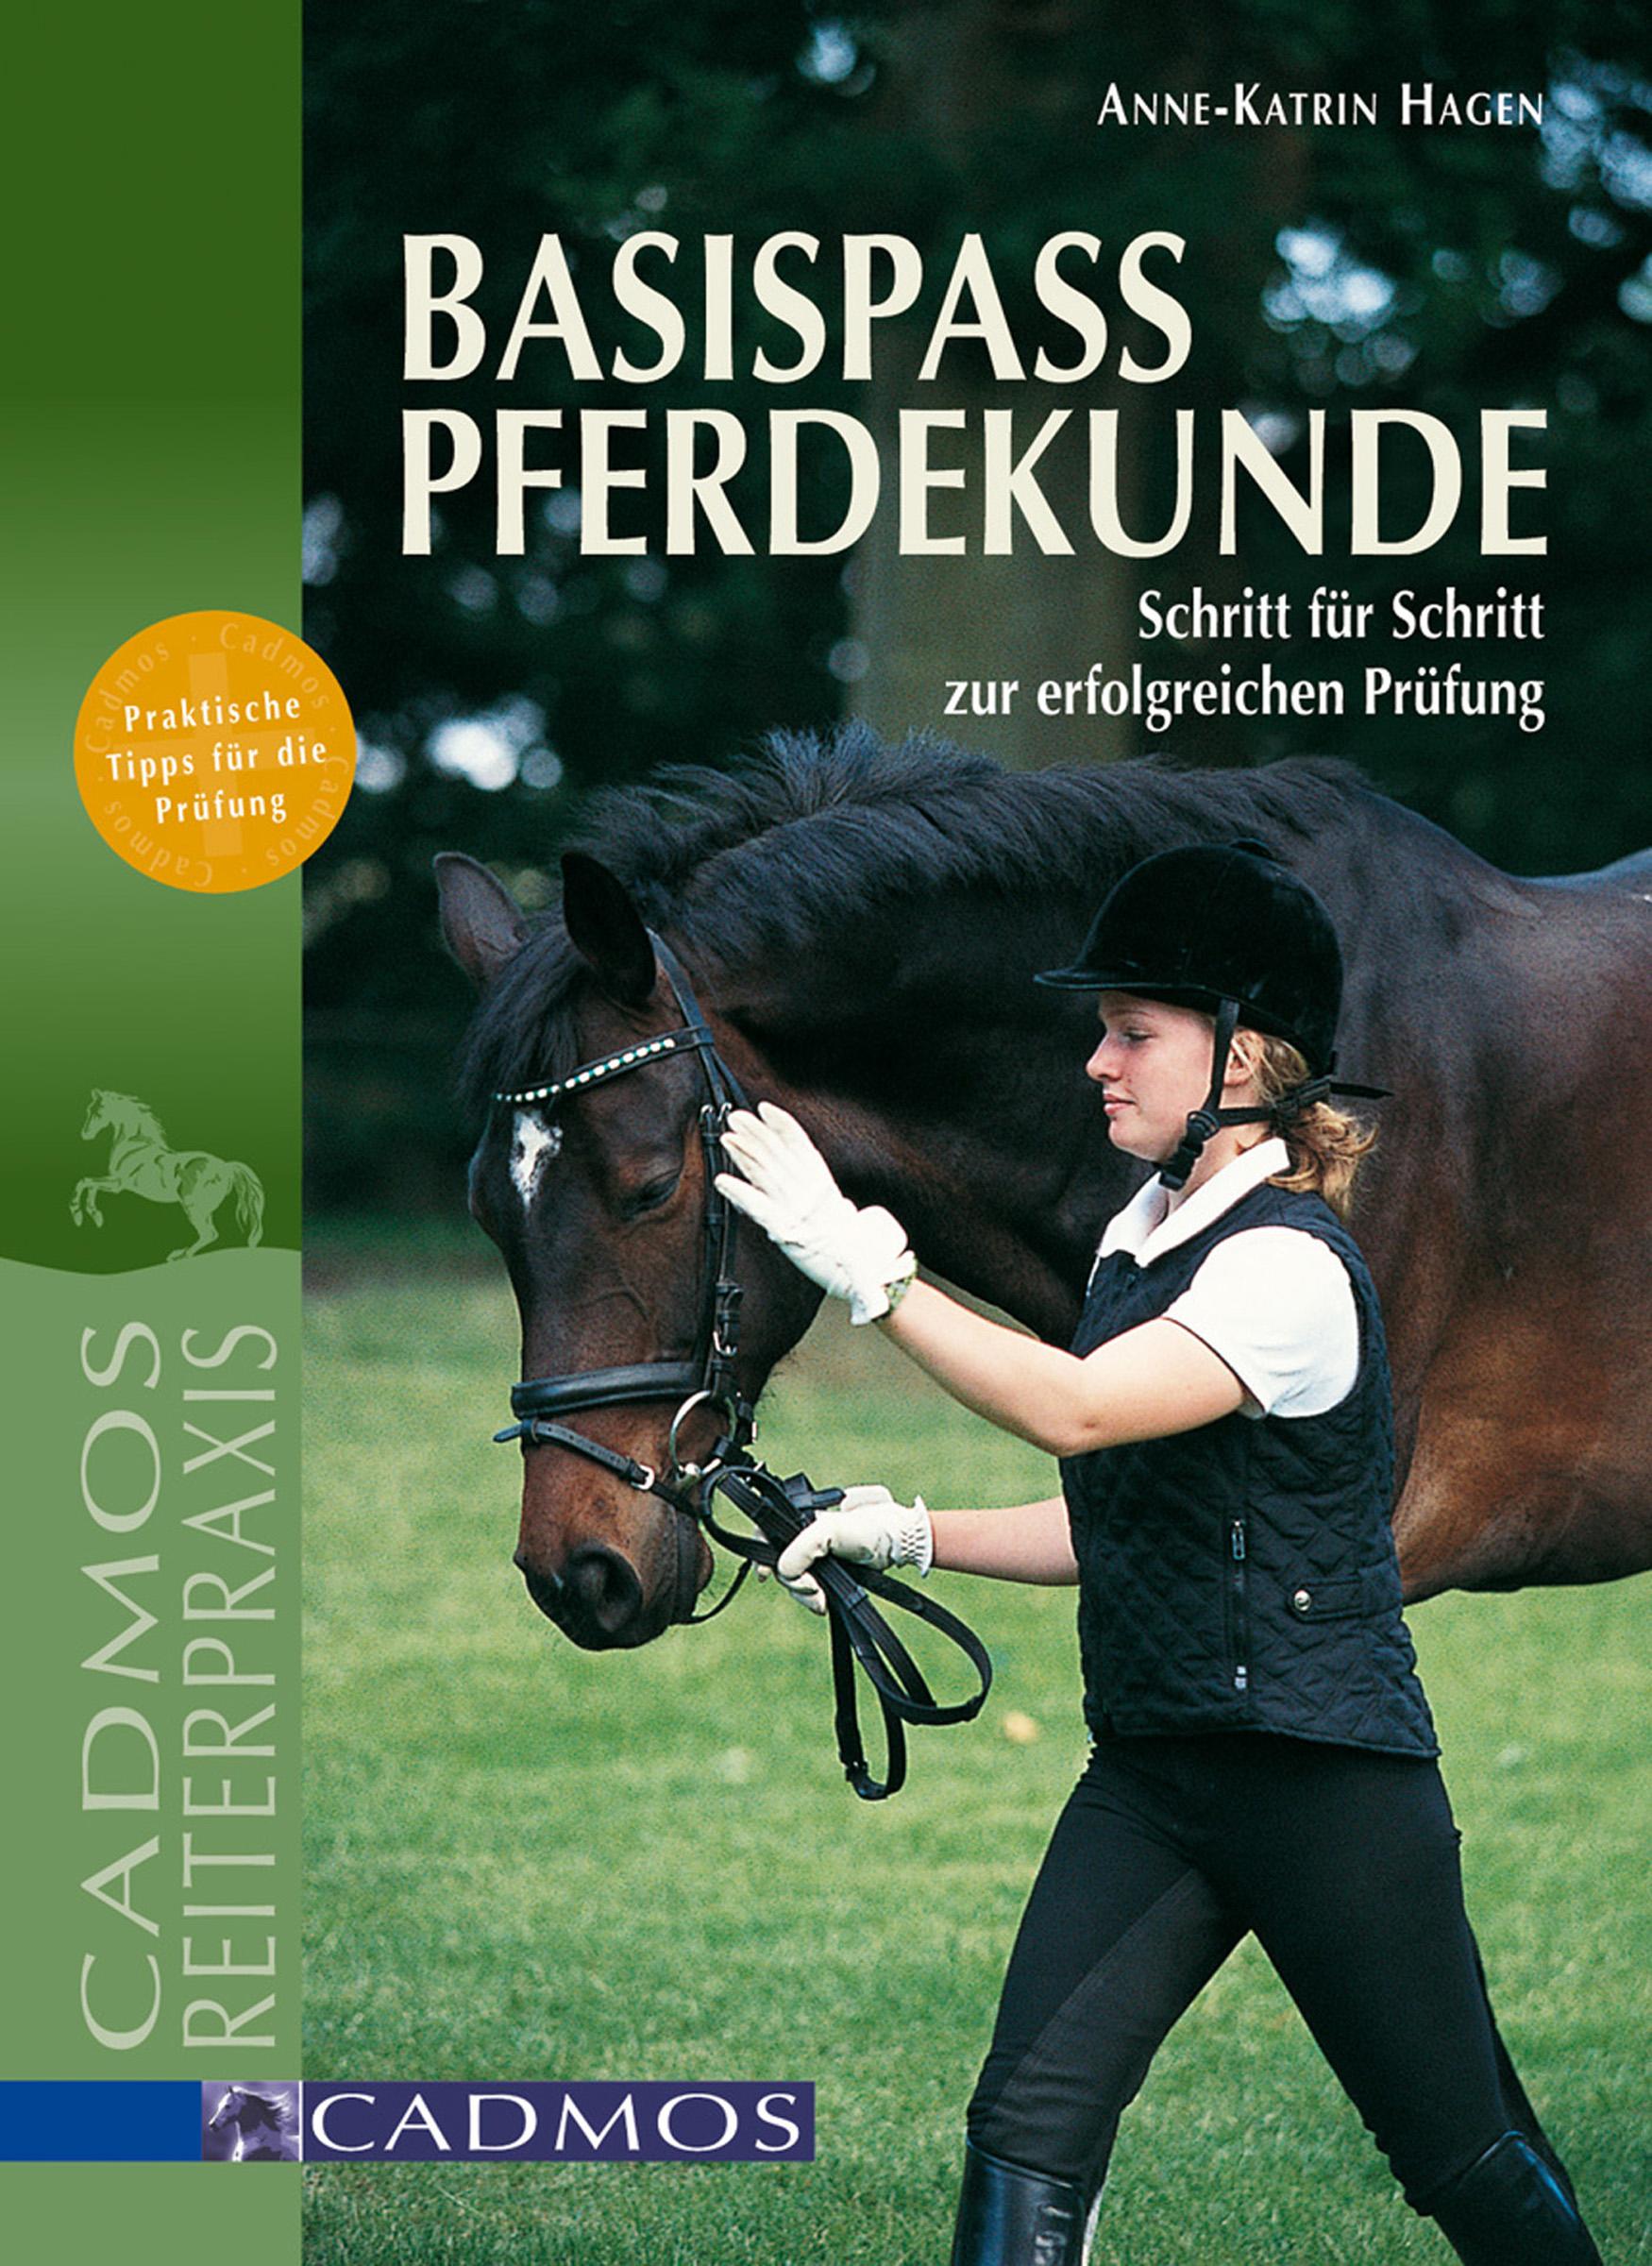 Anne-Katrin Hagen Basispass Pferdekunde anne katrin hagen kleines und großes hufeisen